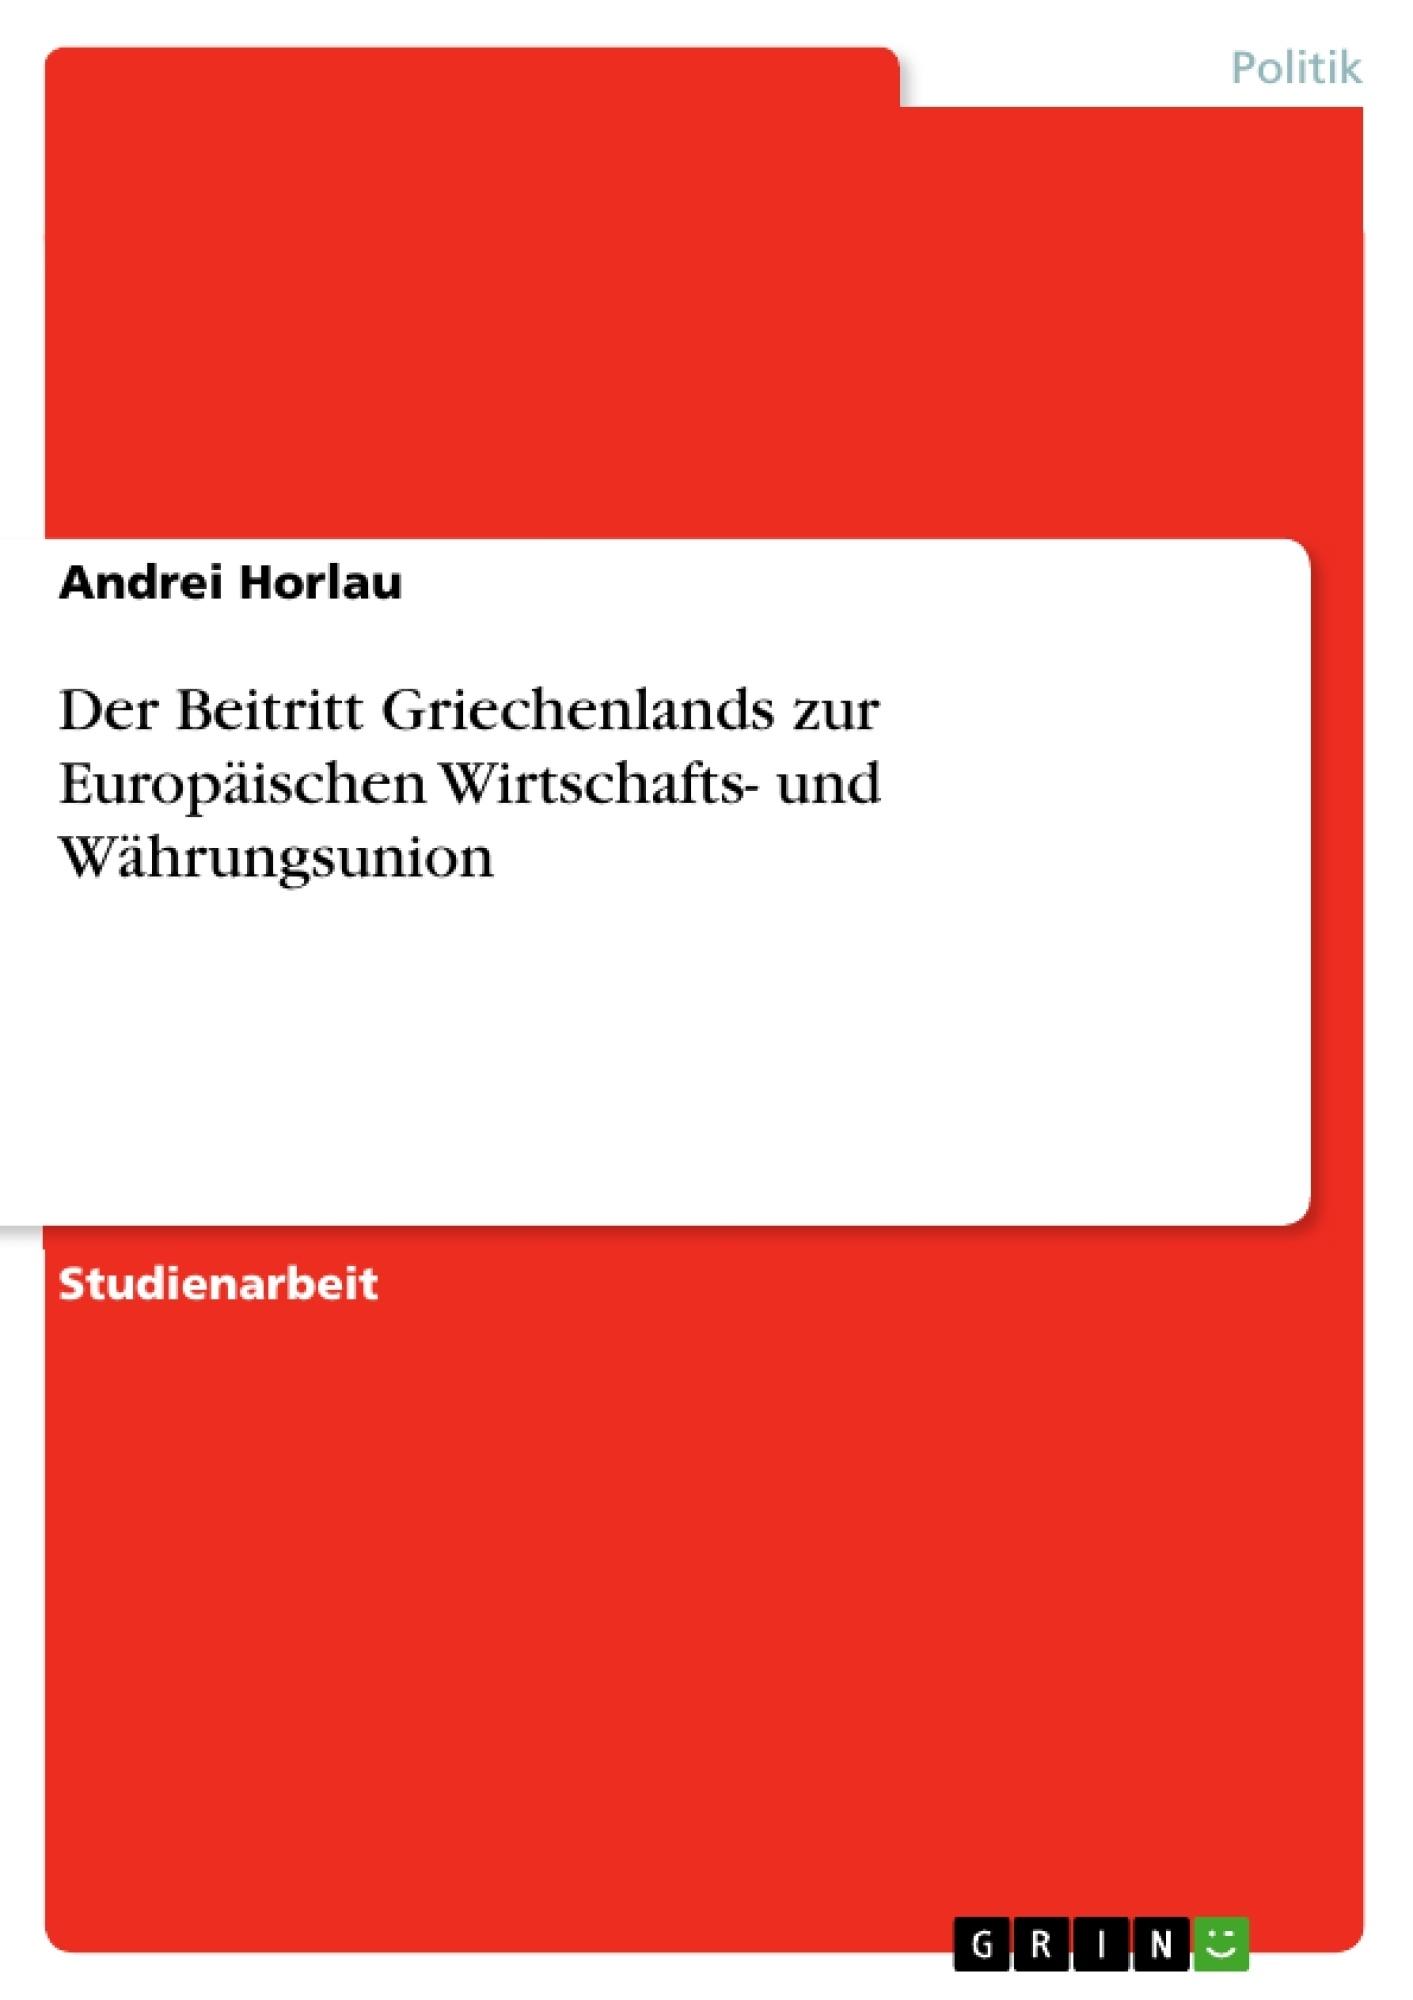 Titel: Der Beitritt Griechenlands zur Europäischen Wirtschafts- und Währungsunion